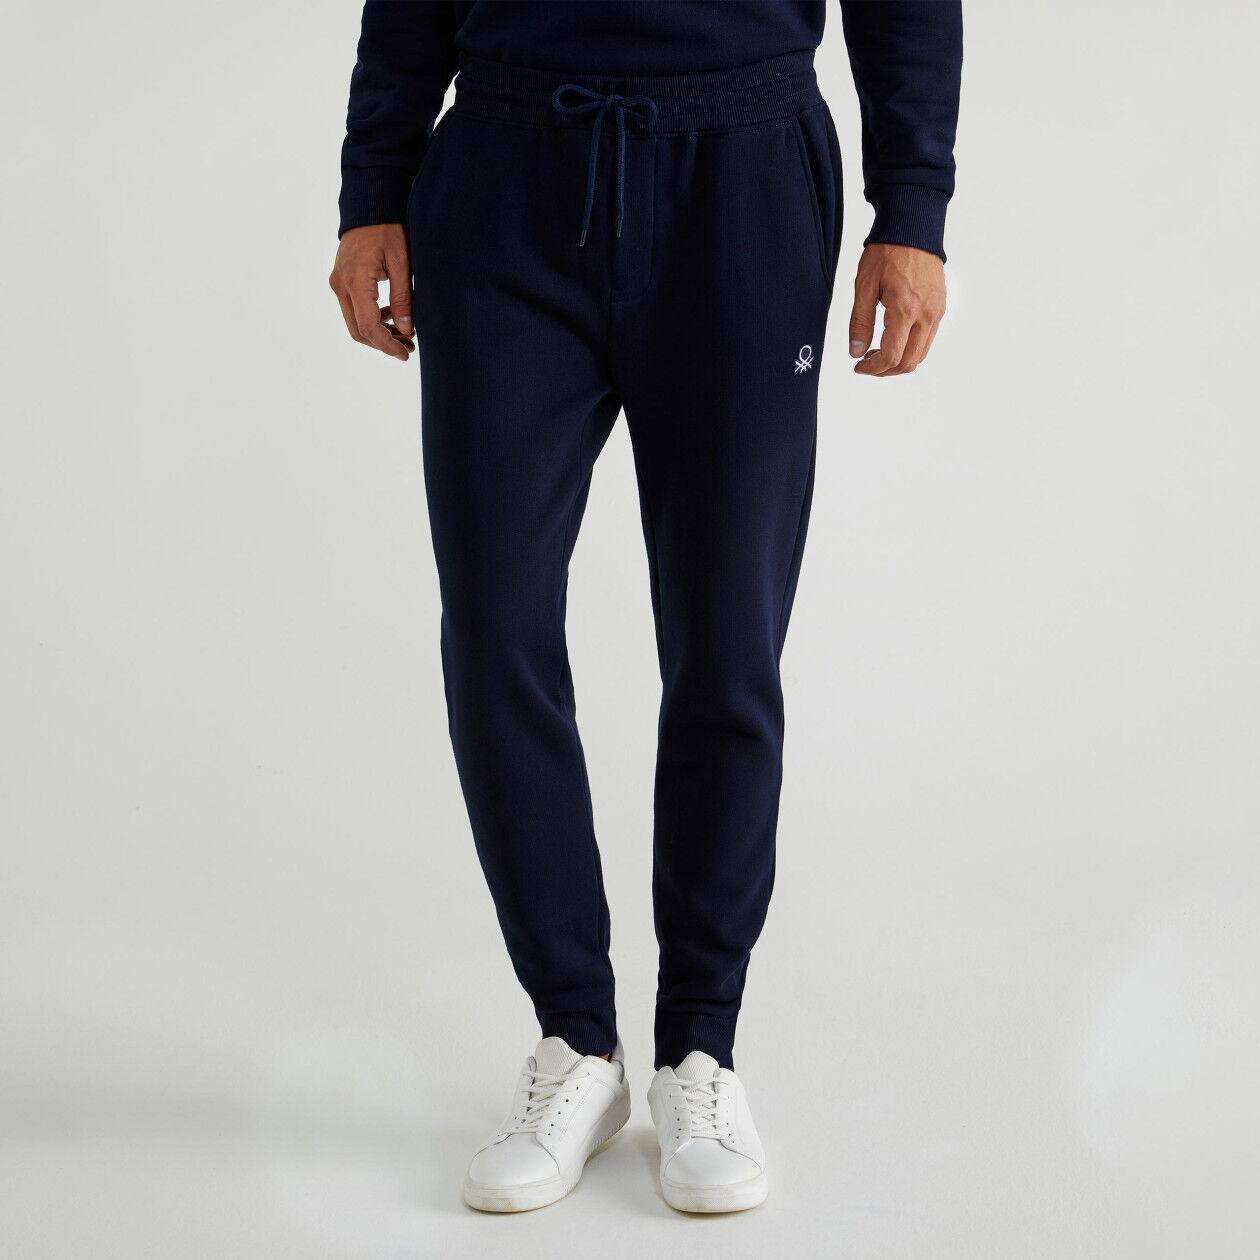 Παντελόνι φούτερ με τσέπες